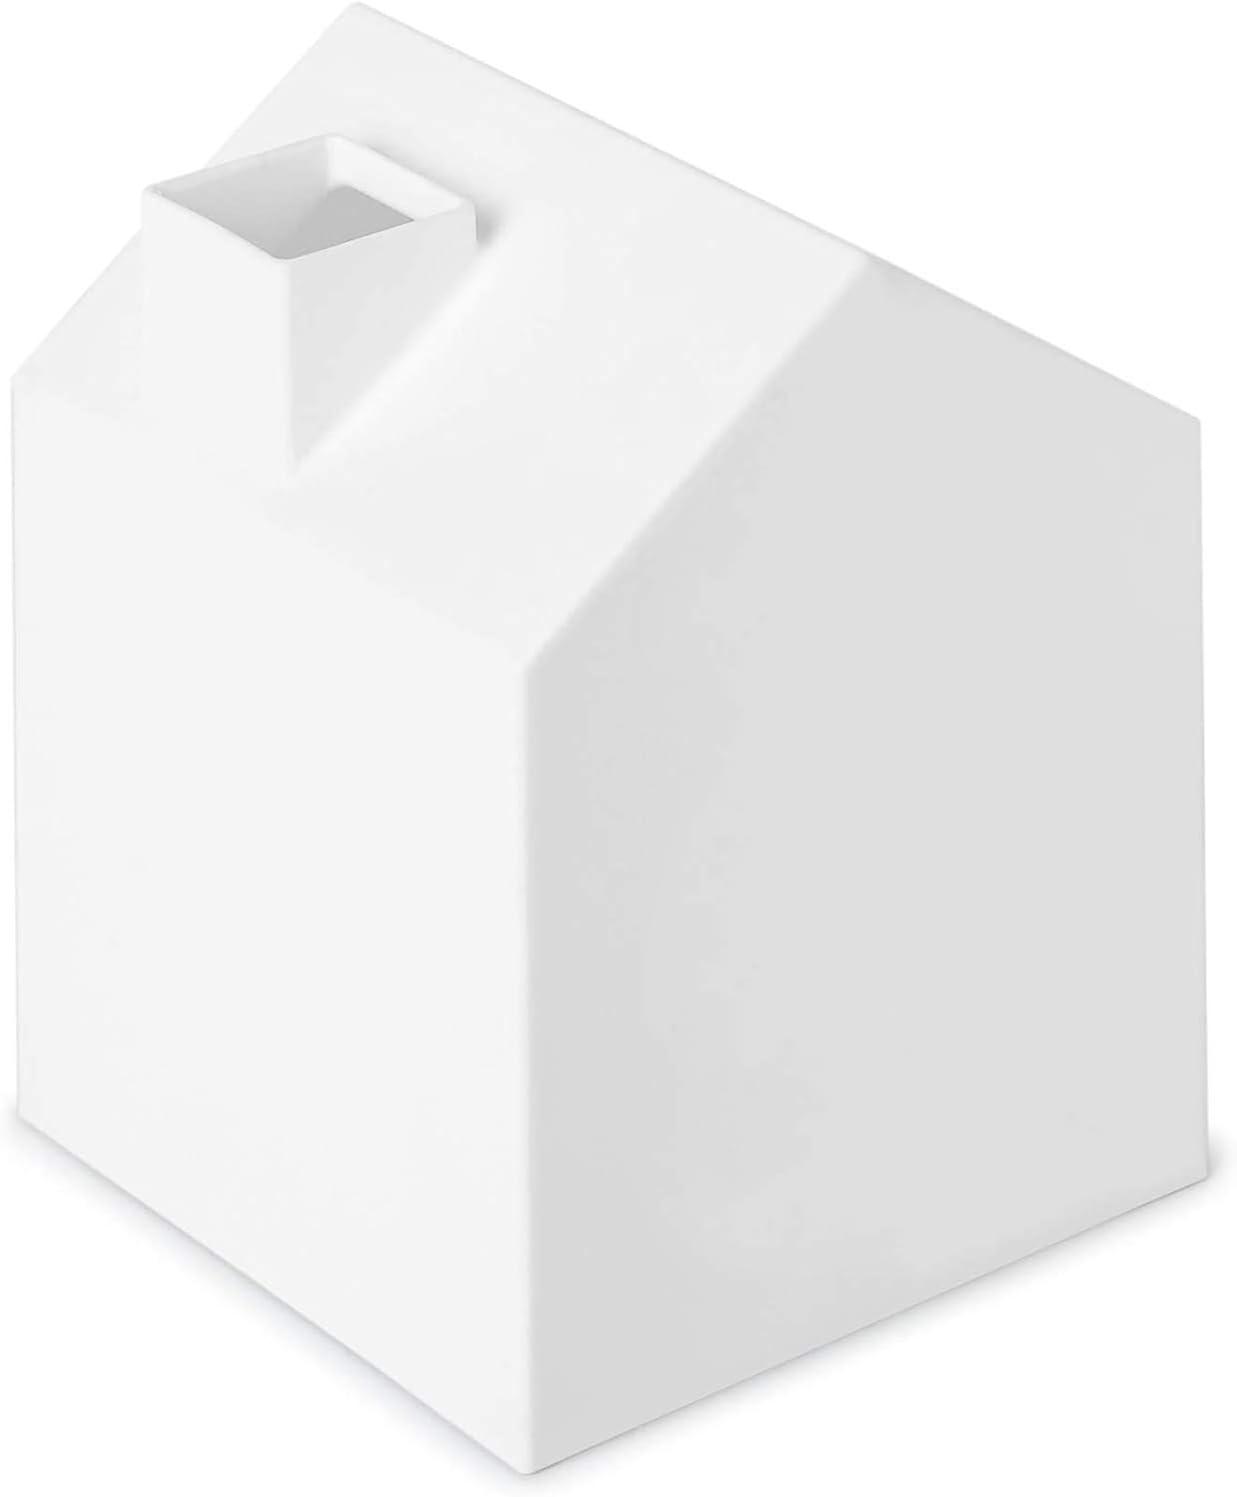 Umbra Casa Tissue Cover